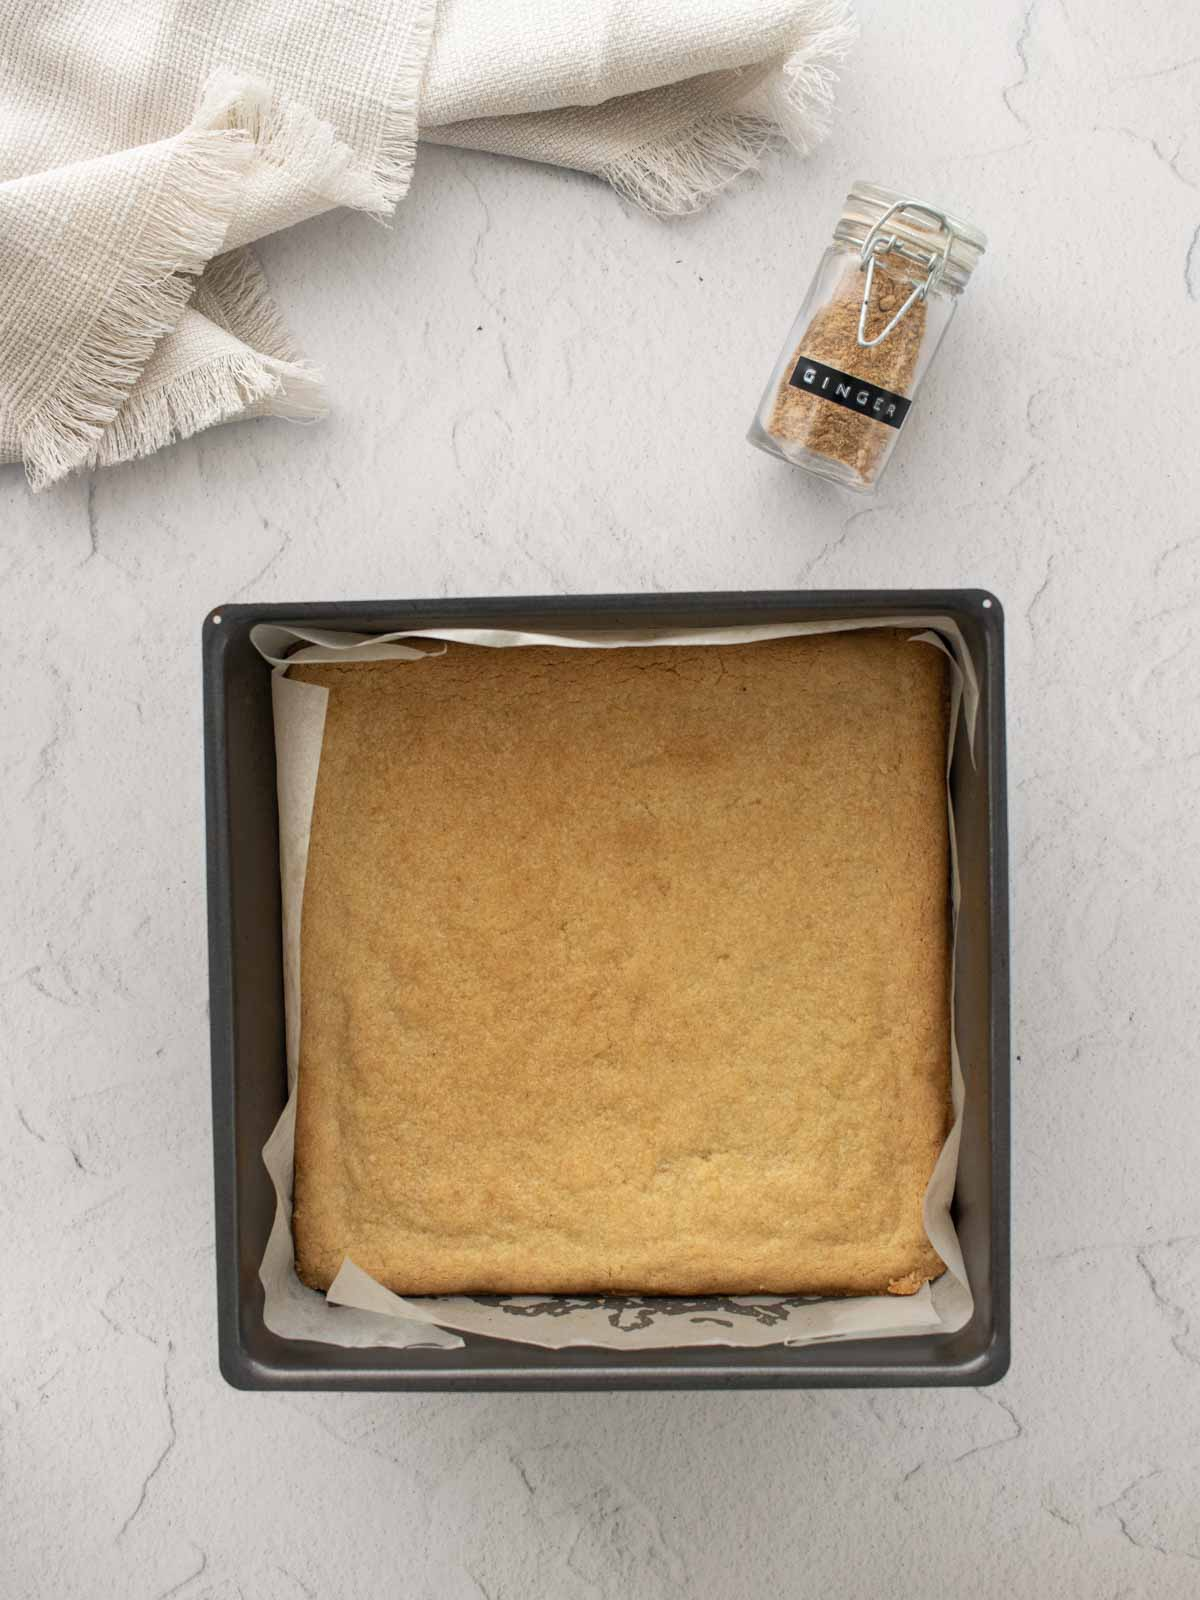 baked ginger crunch base